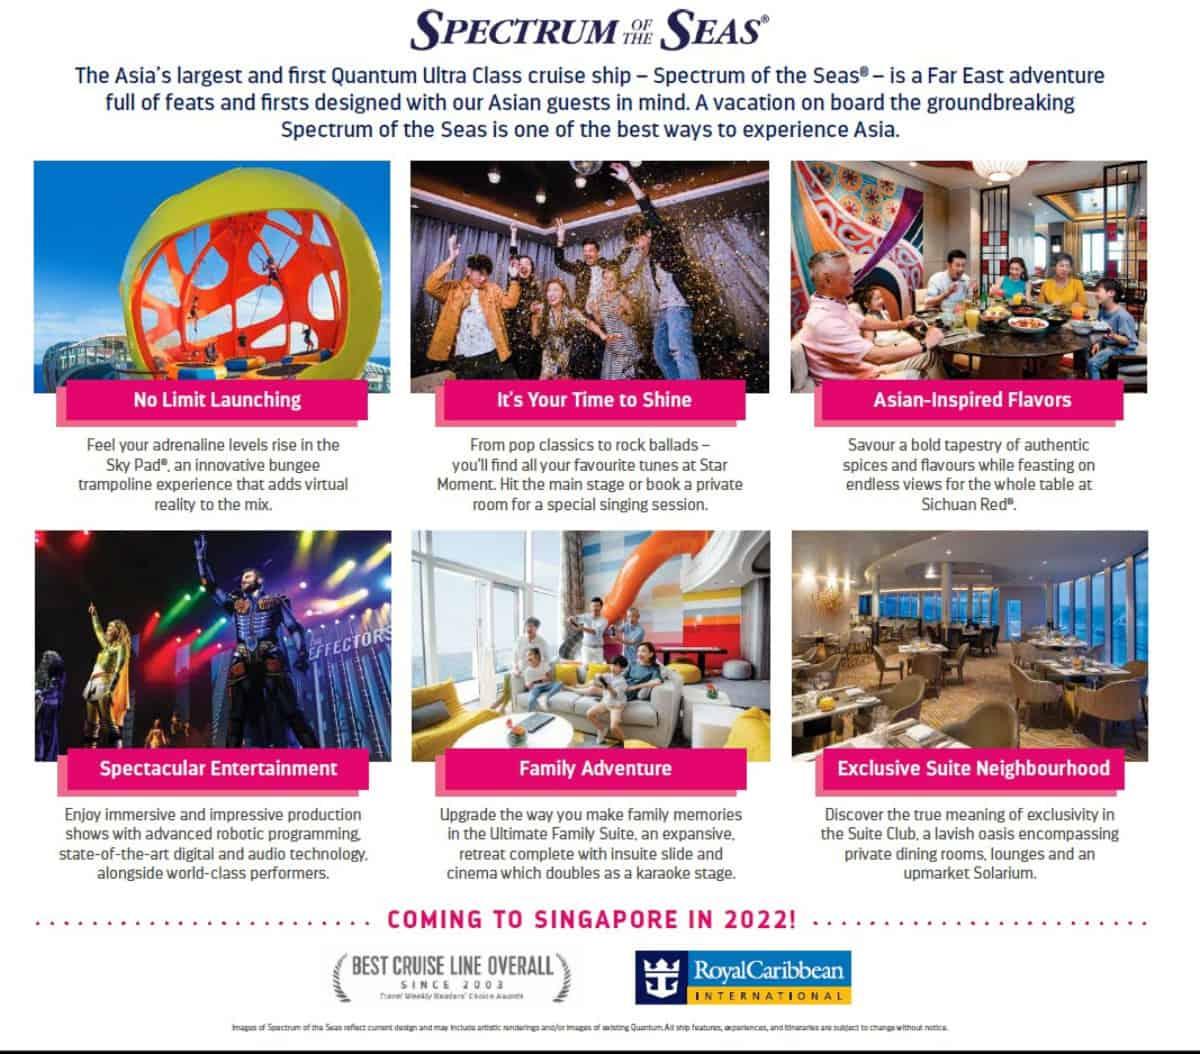 Spectrum of the Seas to Singapore